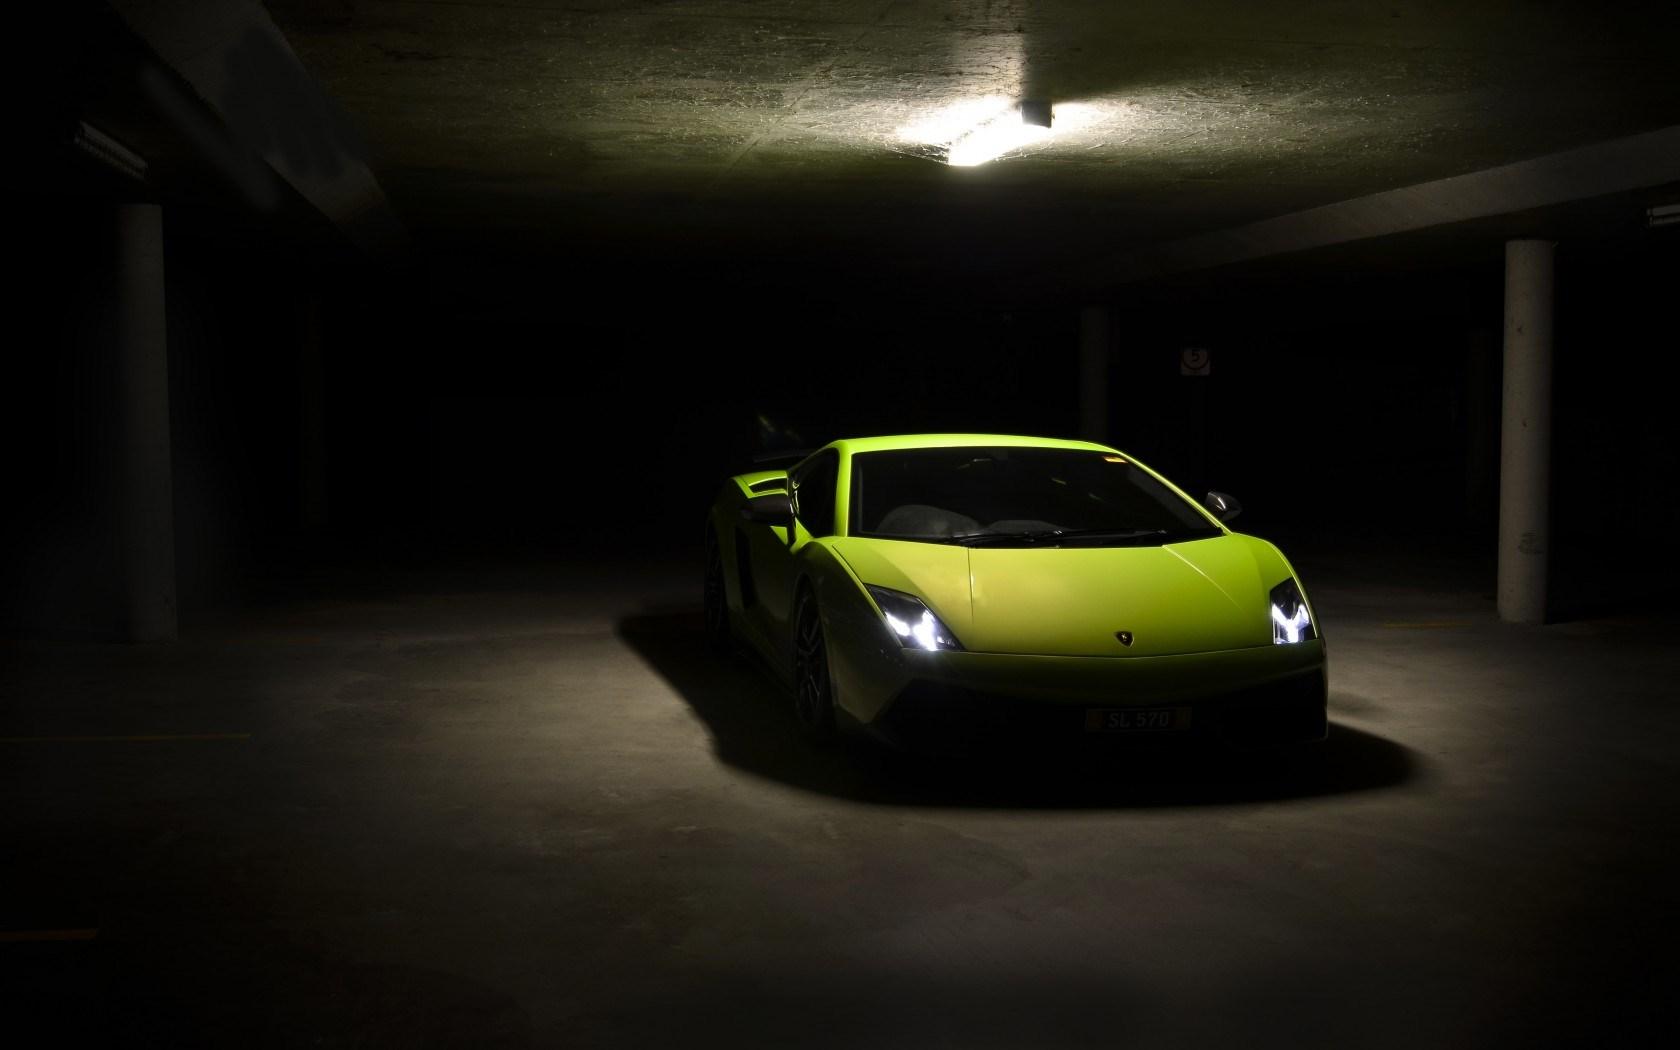 Lamborghini Gallardo LP 570-4 Superleggera Parking